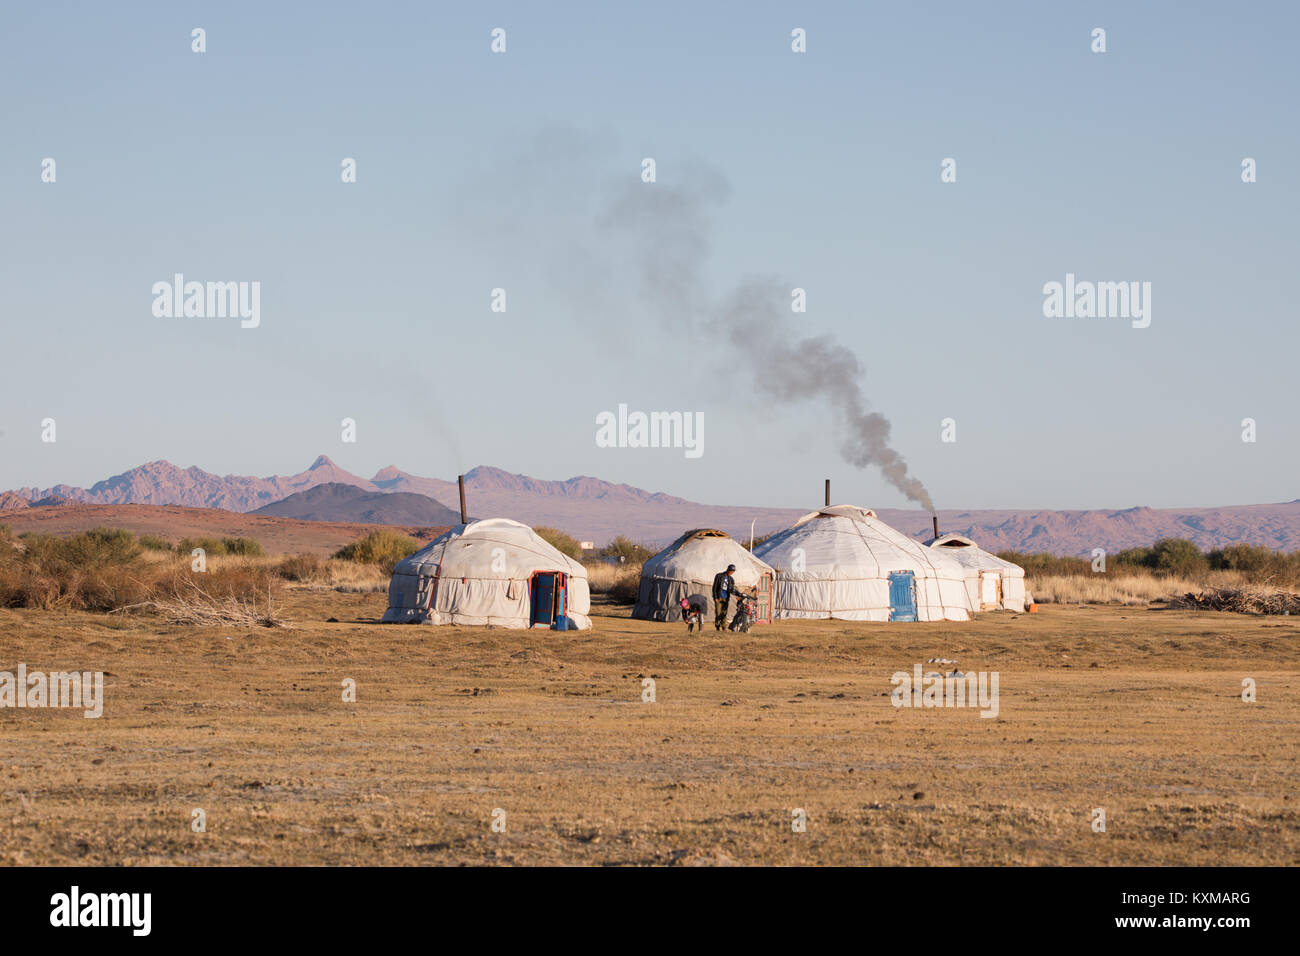 Cheminée de fumée gers mongol de la famille traditionnelle de la communauté rurale la vie côté Photo Stock